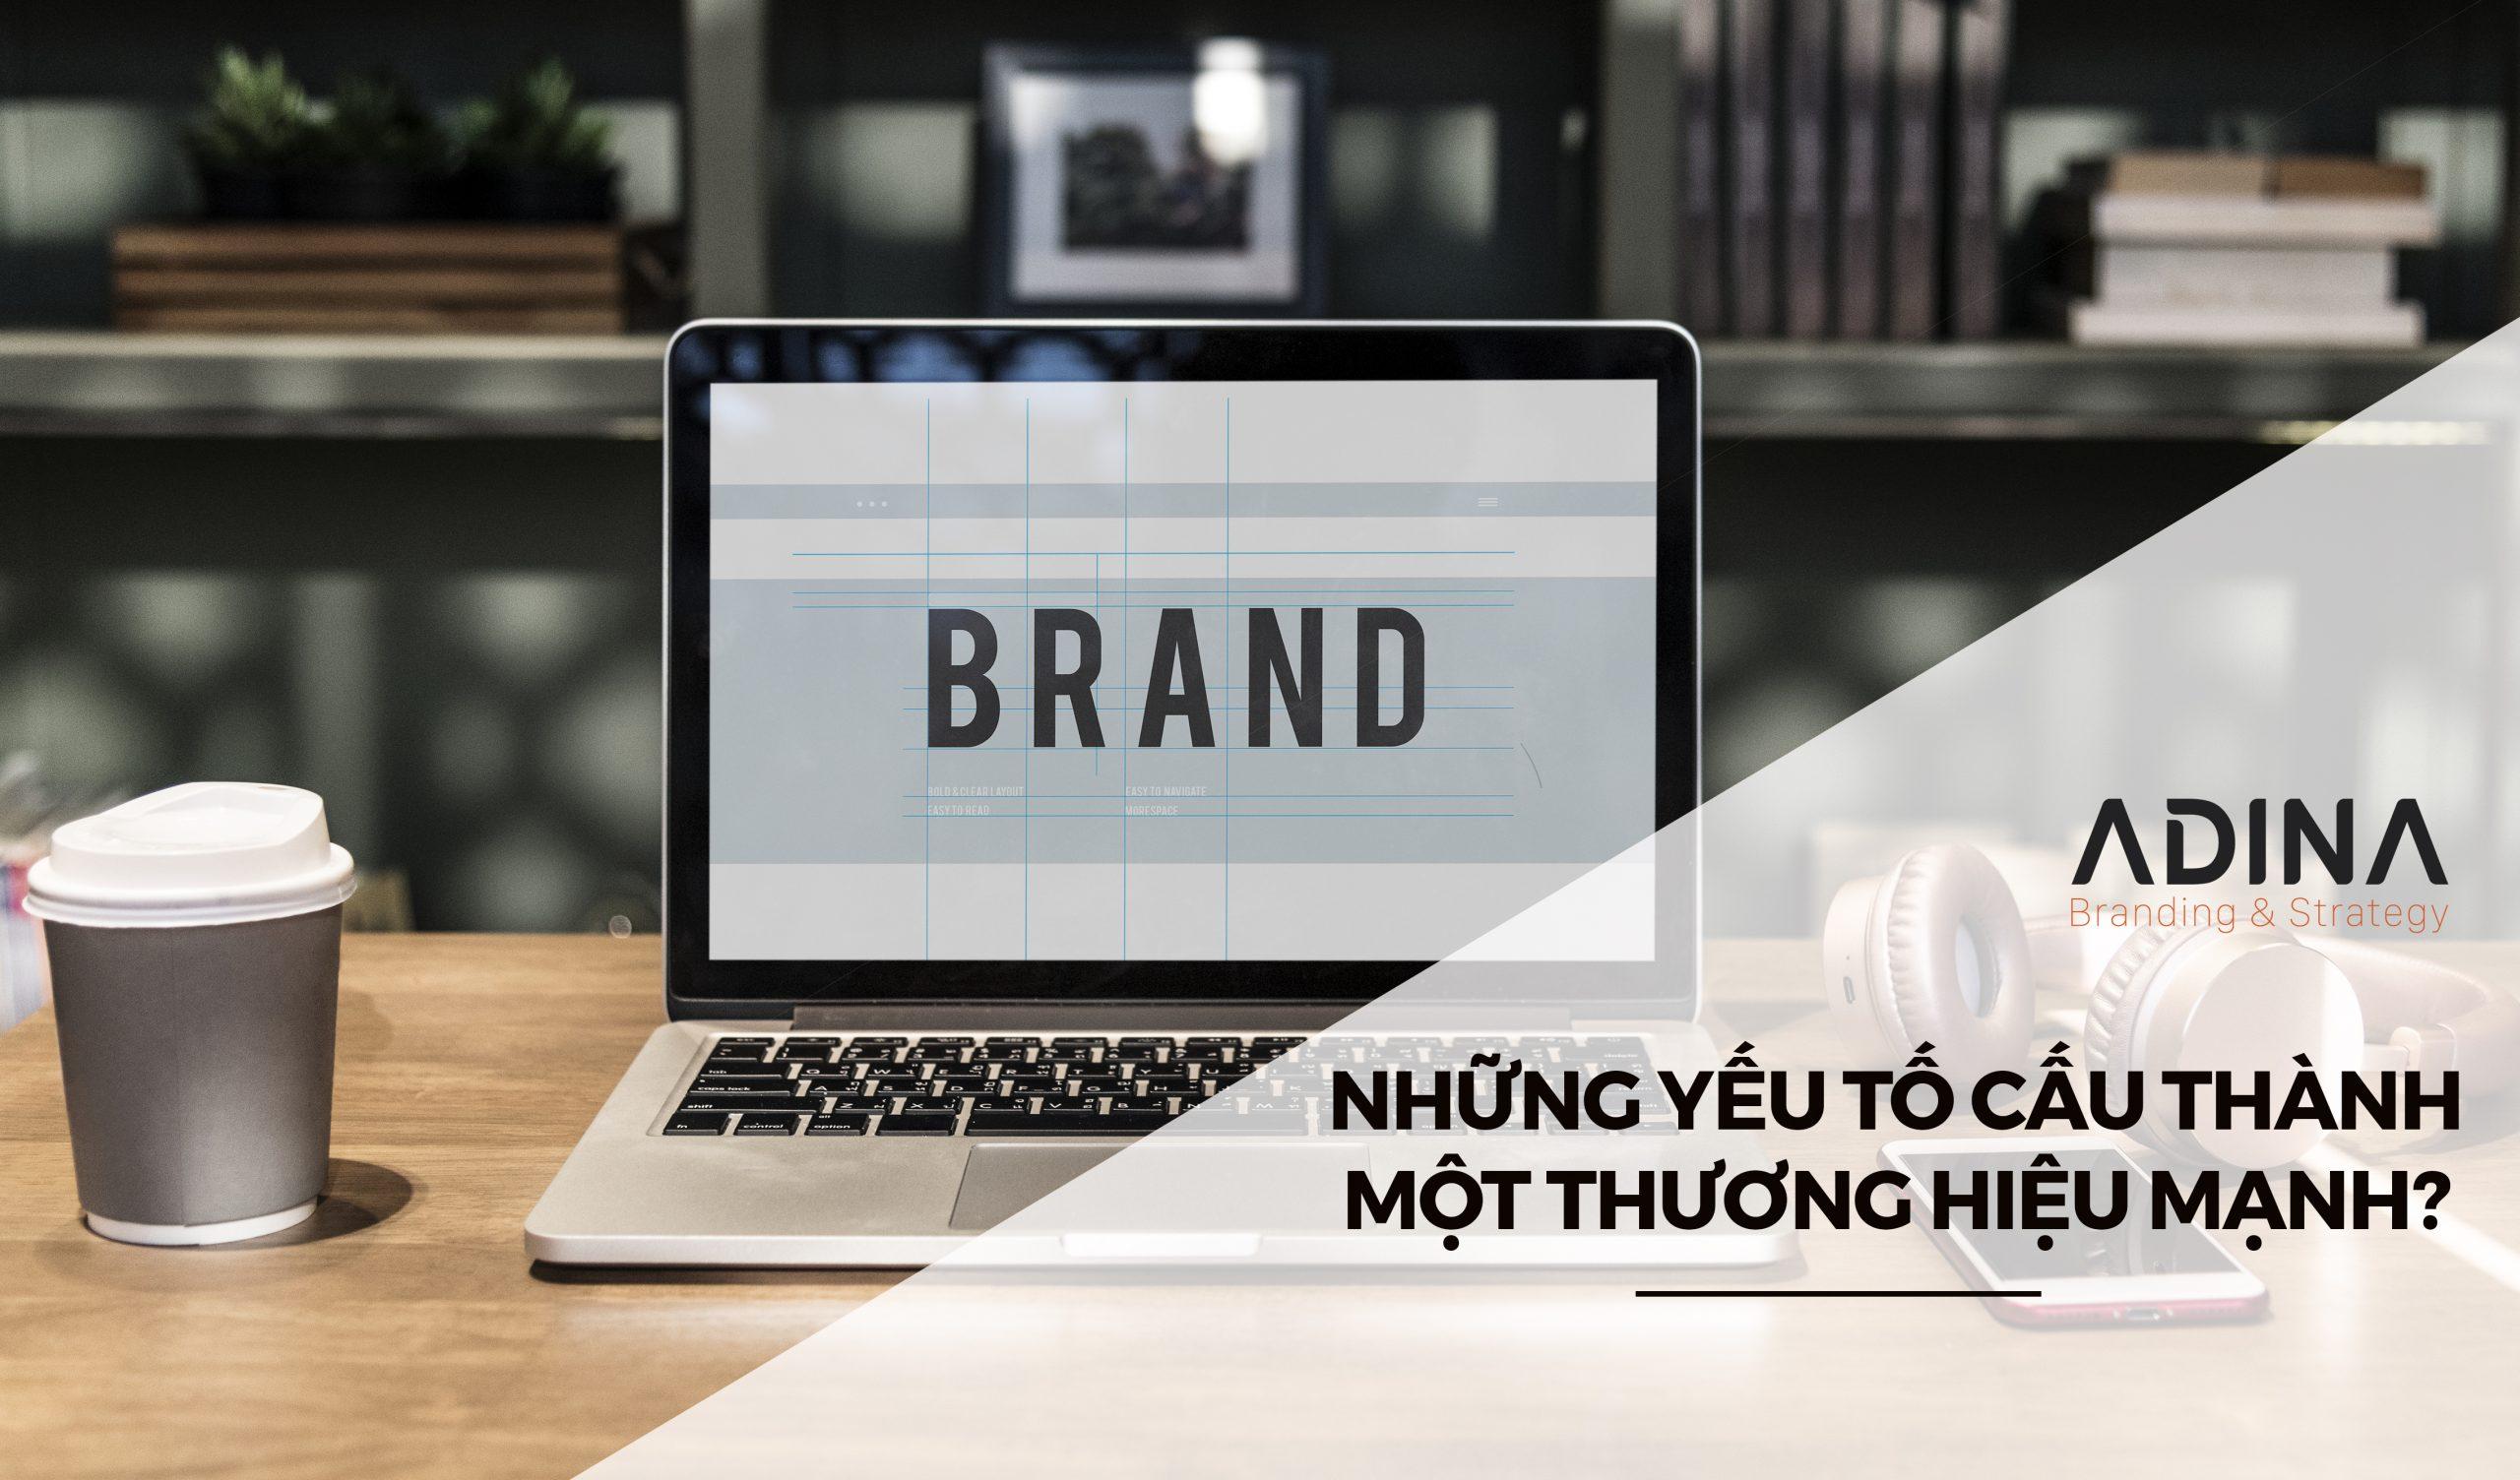 Brand là gì? Các yếu tố cấu thành một thương hiệu mạnh